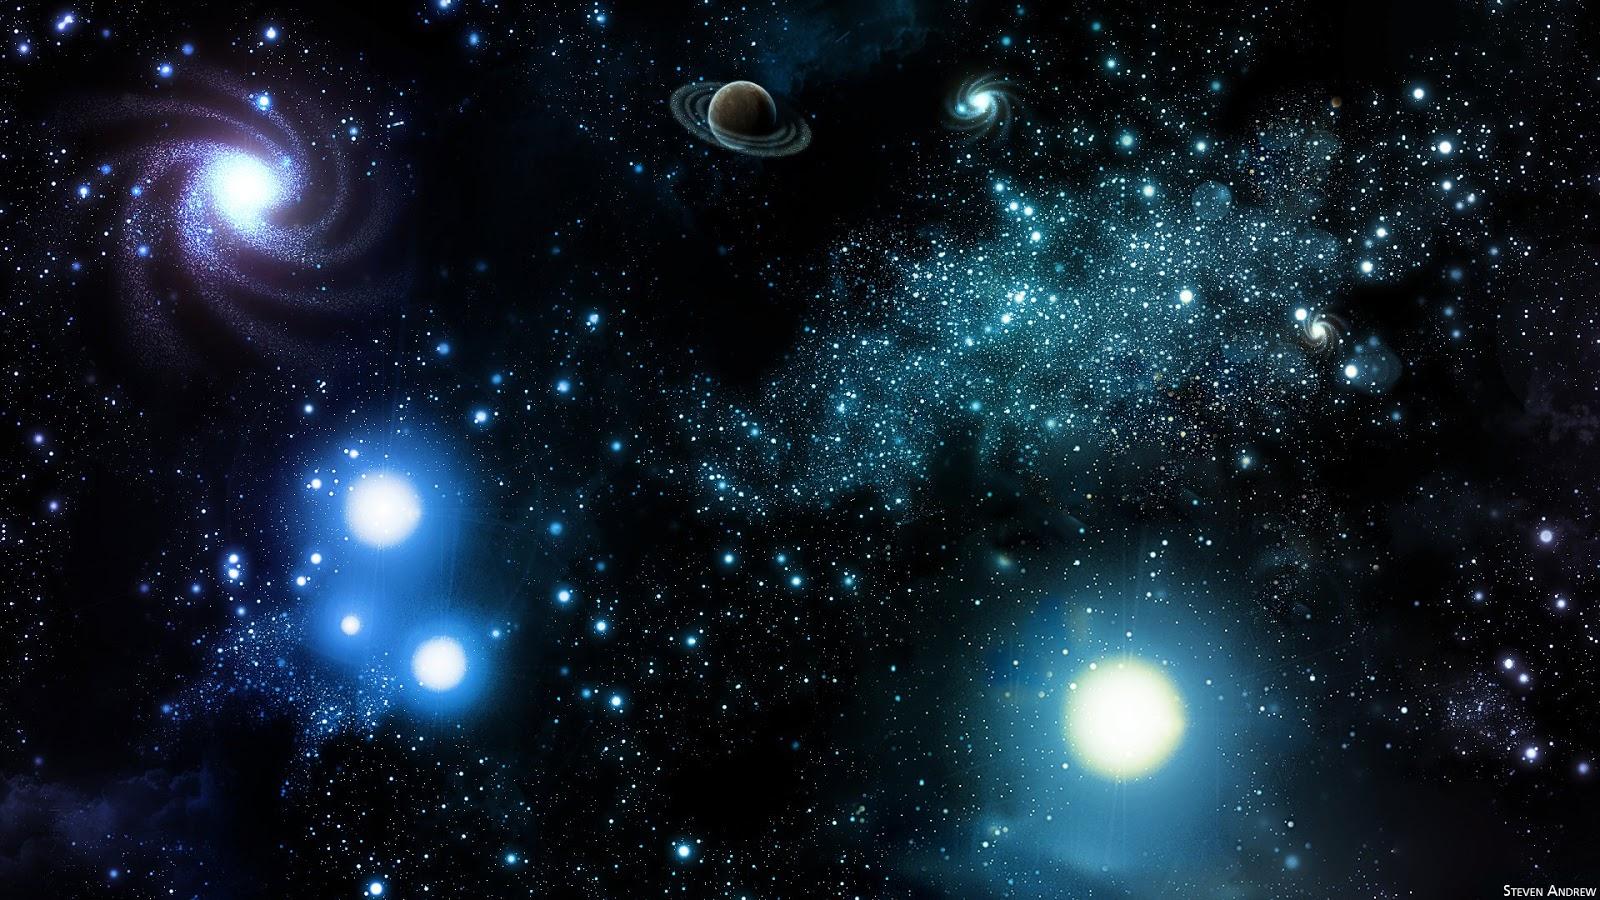 輝きが美しい宇宙の画像